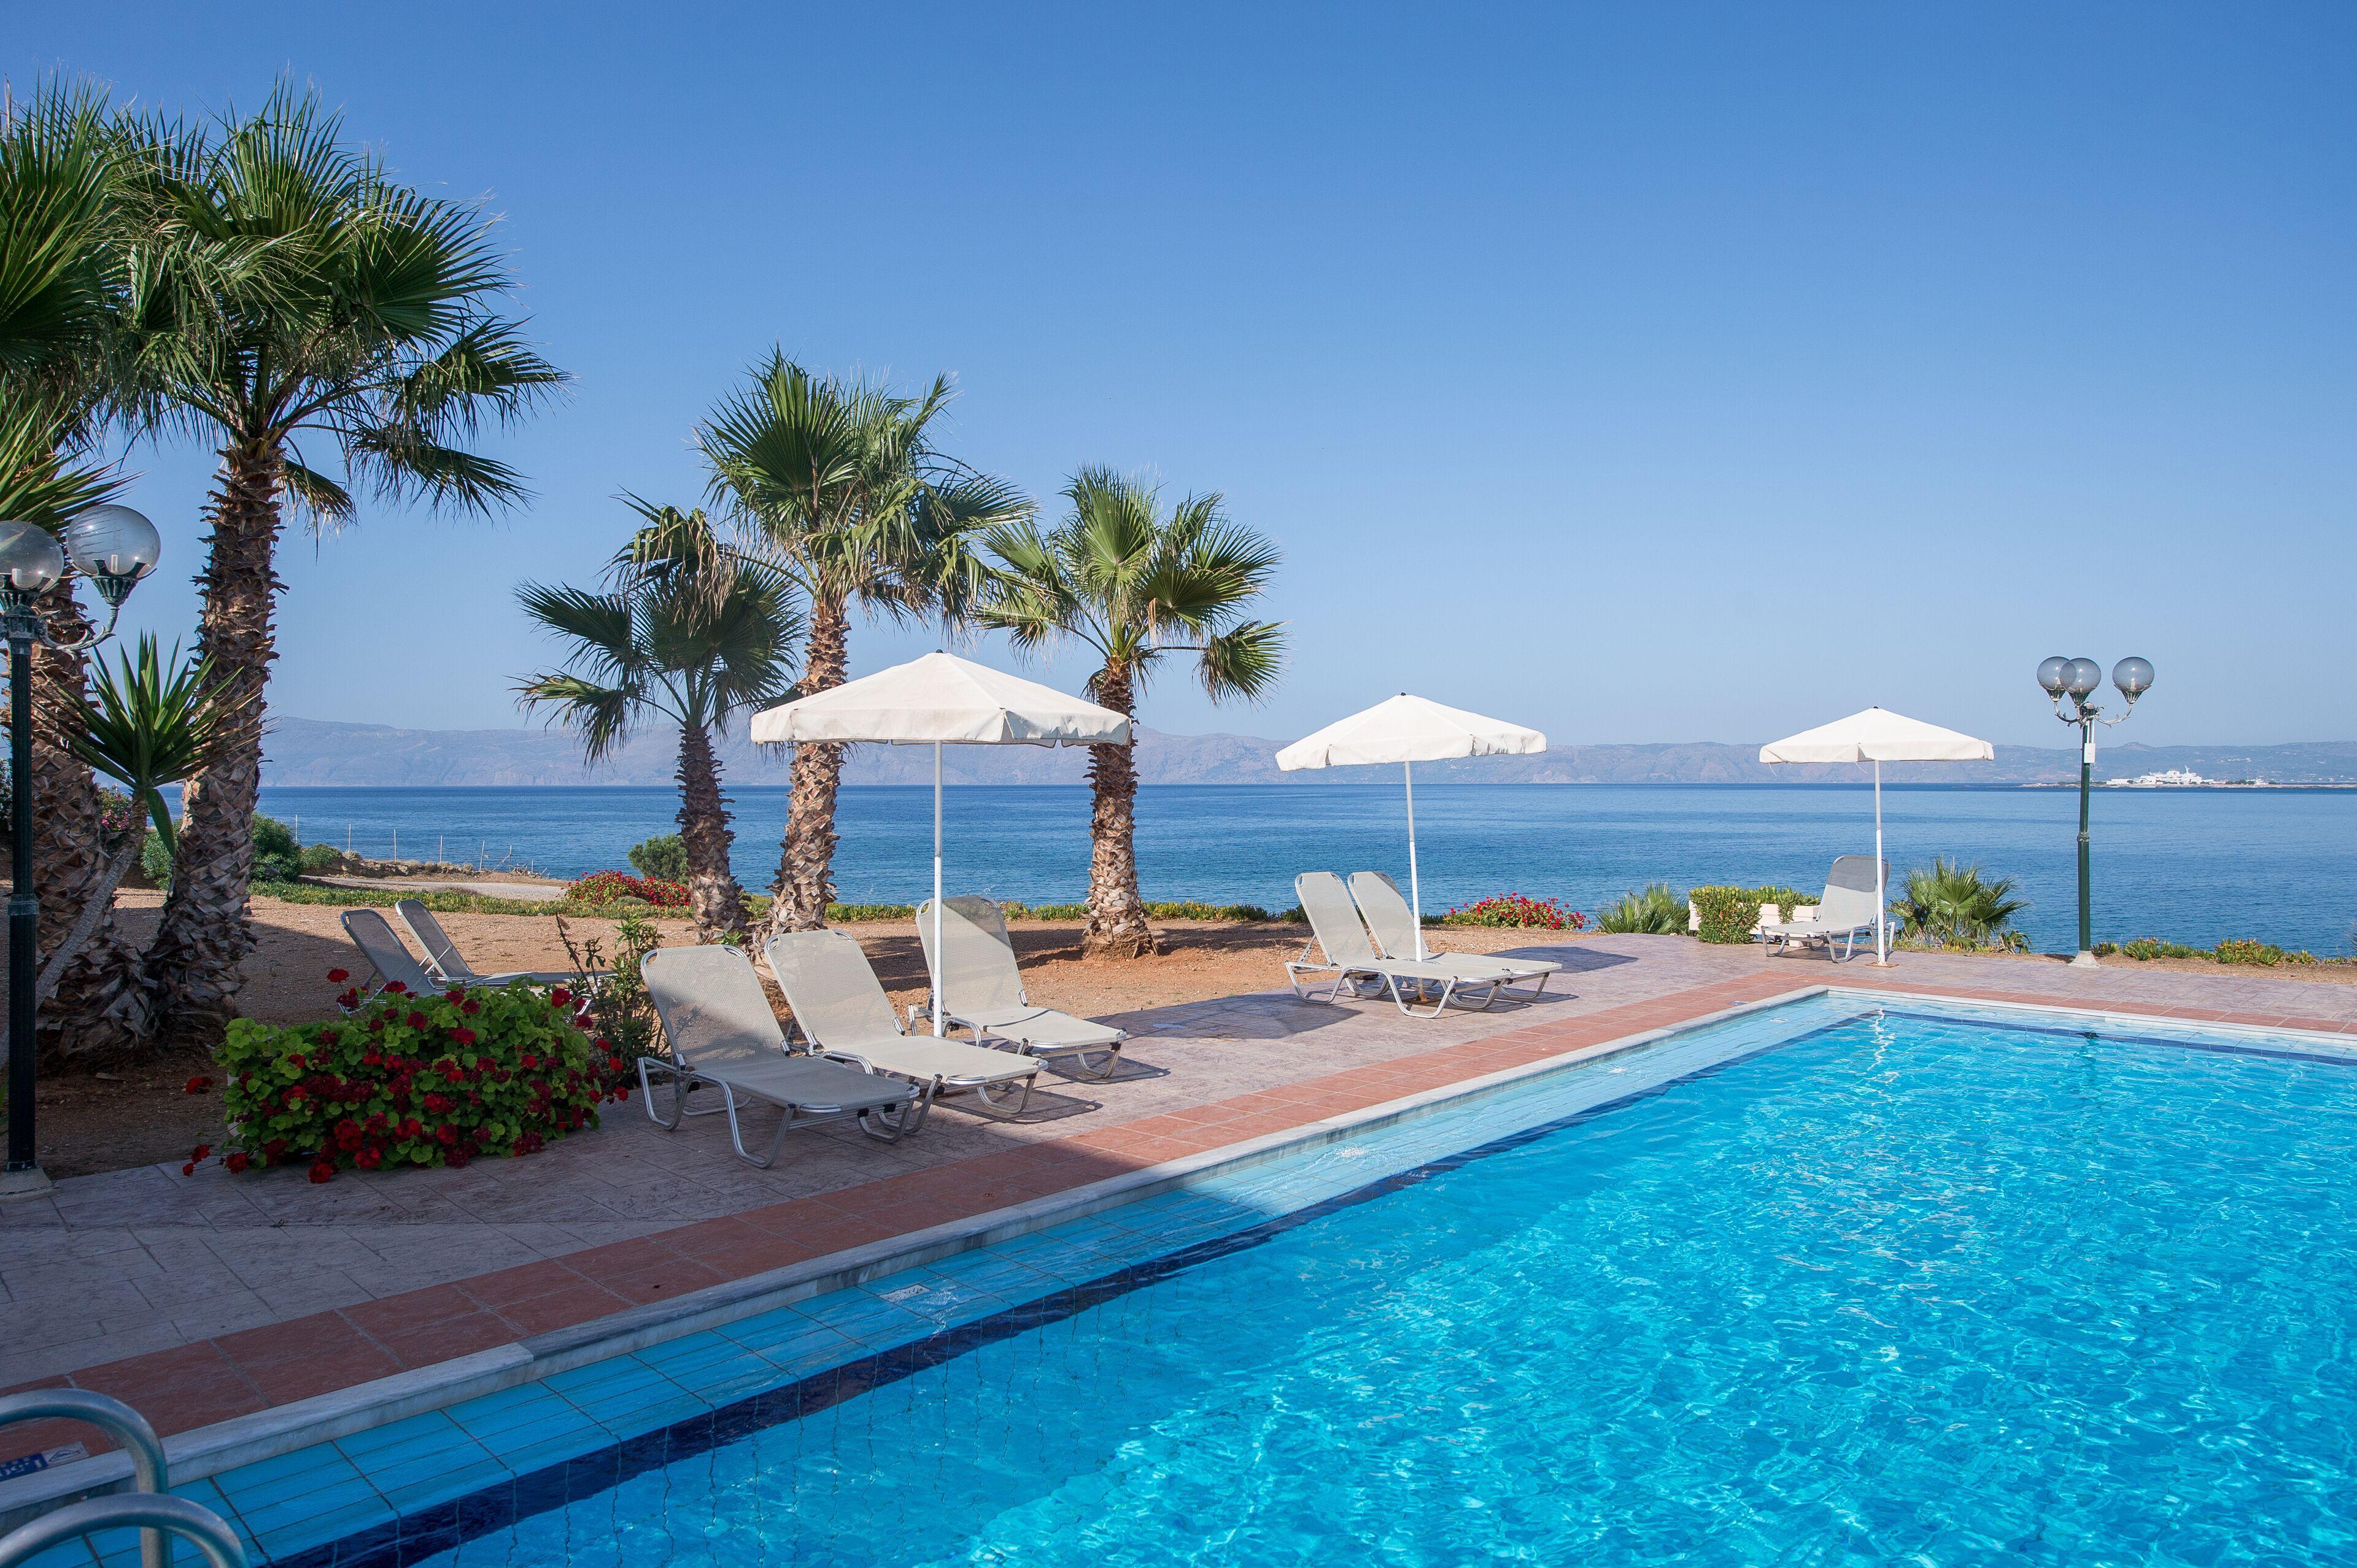 Courtesy of Balos Beach Hotel / Expedia